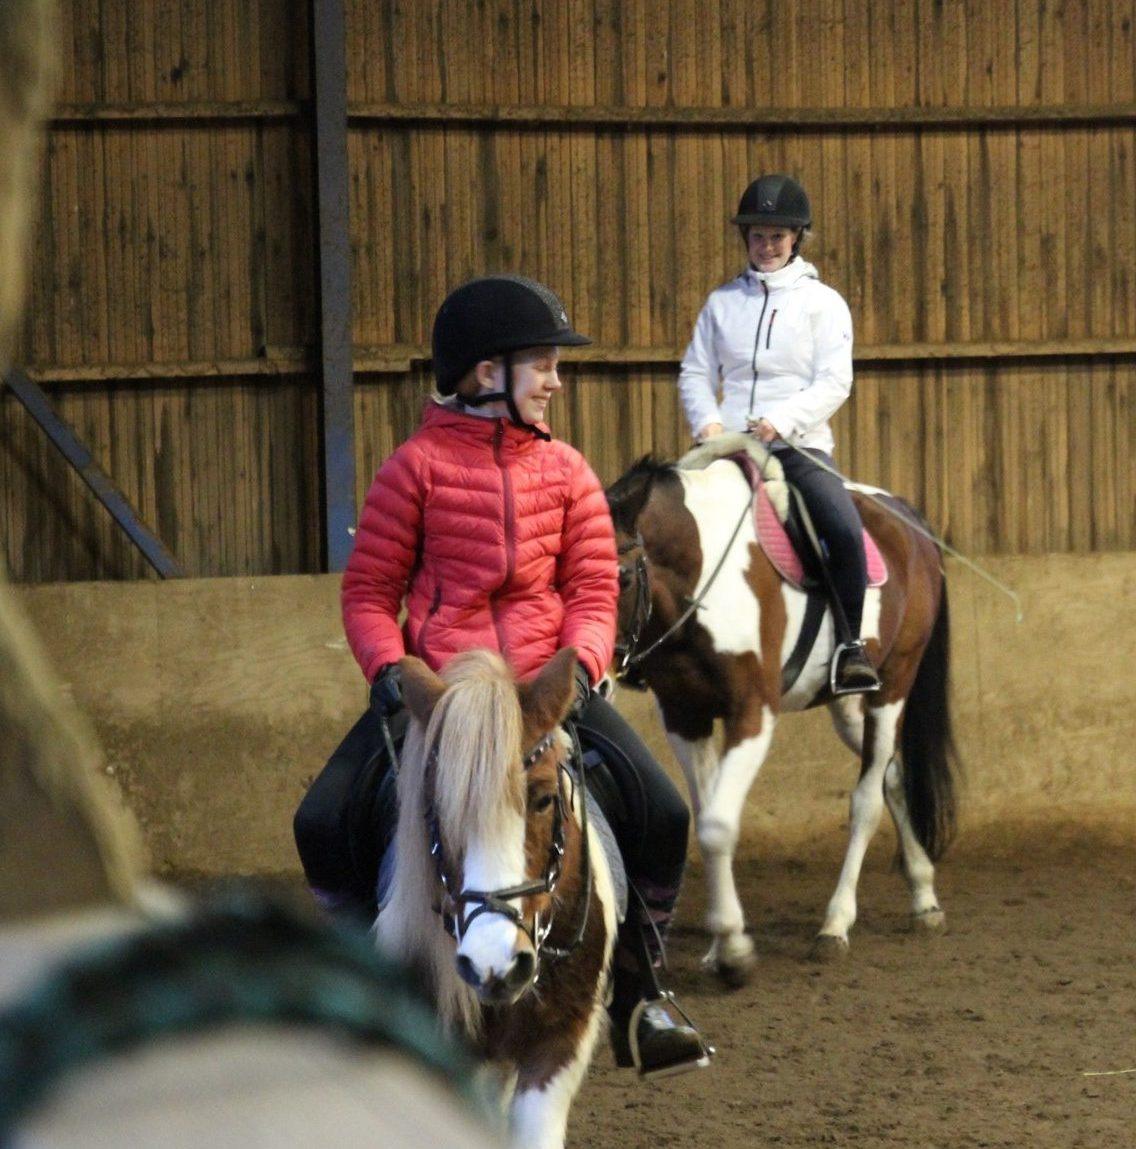 Kuvassa kaksi nuorta hevosen selässä.